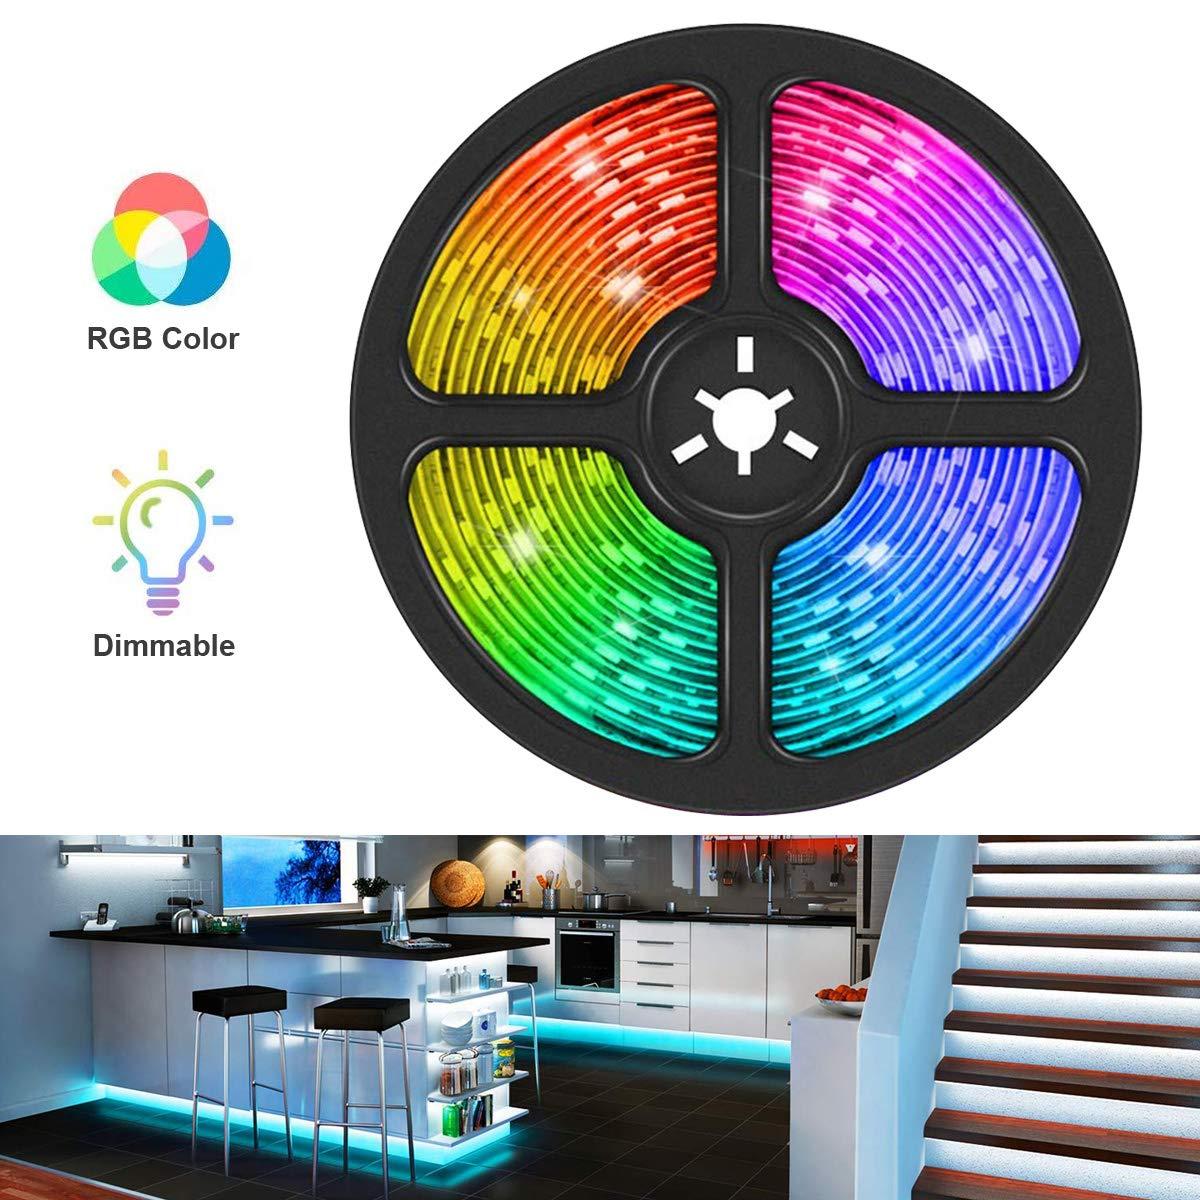 Multicolore Illuminazione Fata Striscia di RGB LED SMD 3 Metri 1m 2m 3m 4m 5m DC 12V Non Impermeabile IP20 5050 60LEDs//m